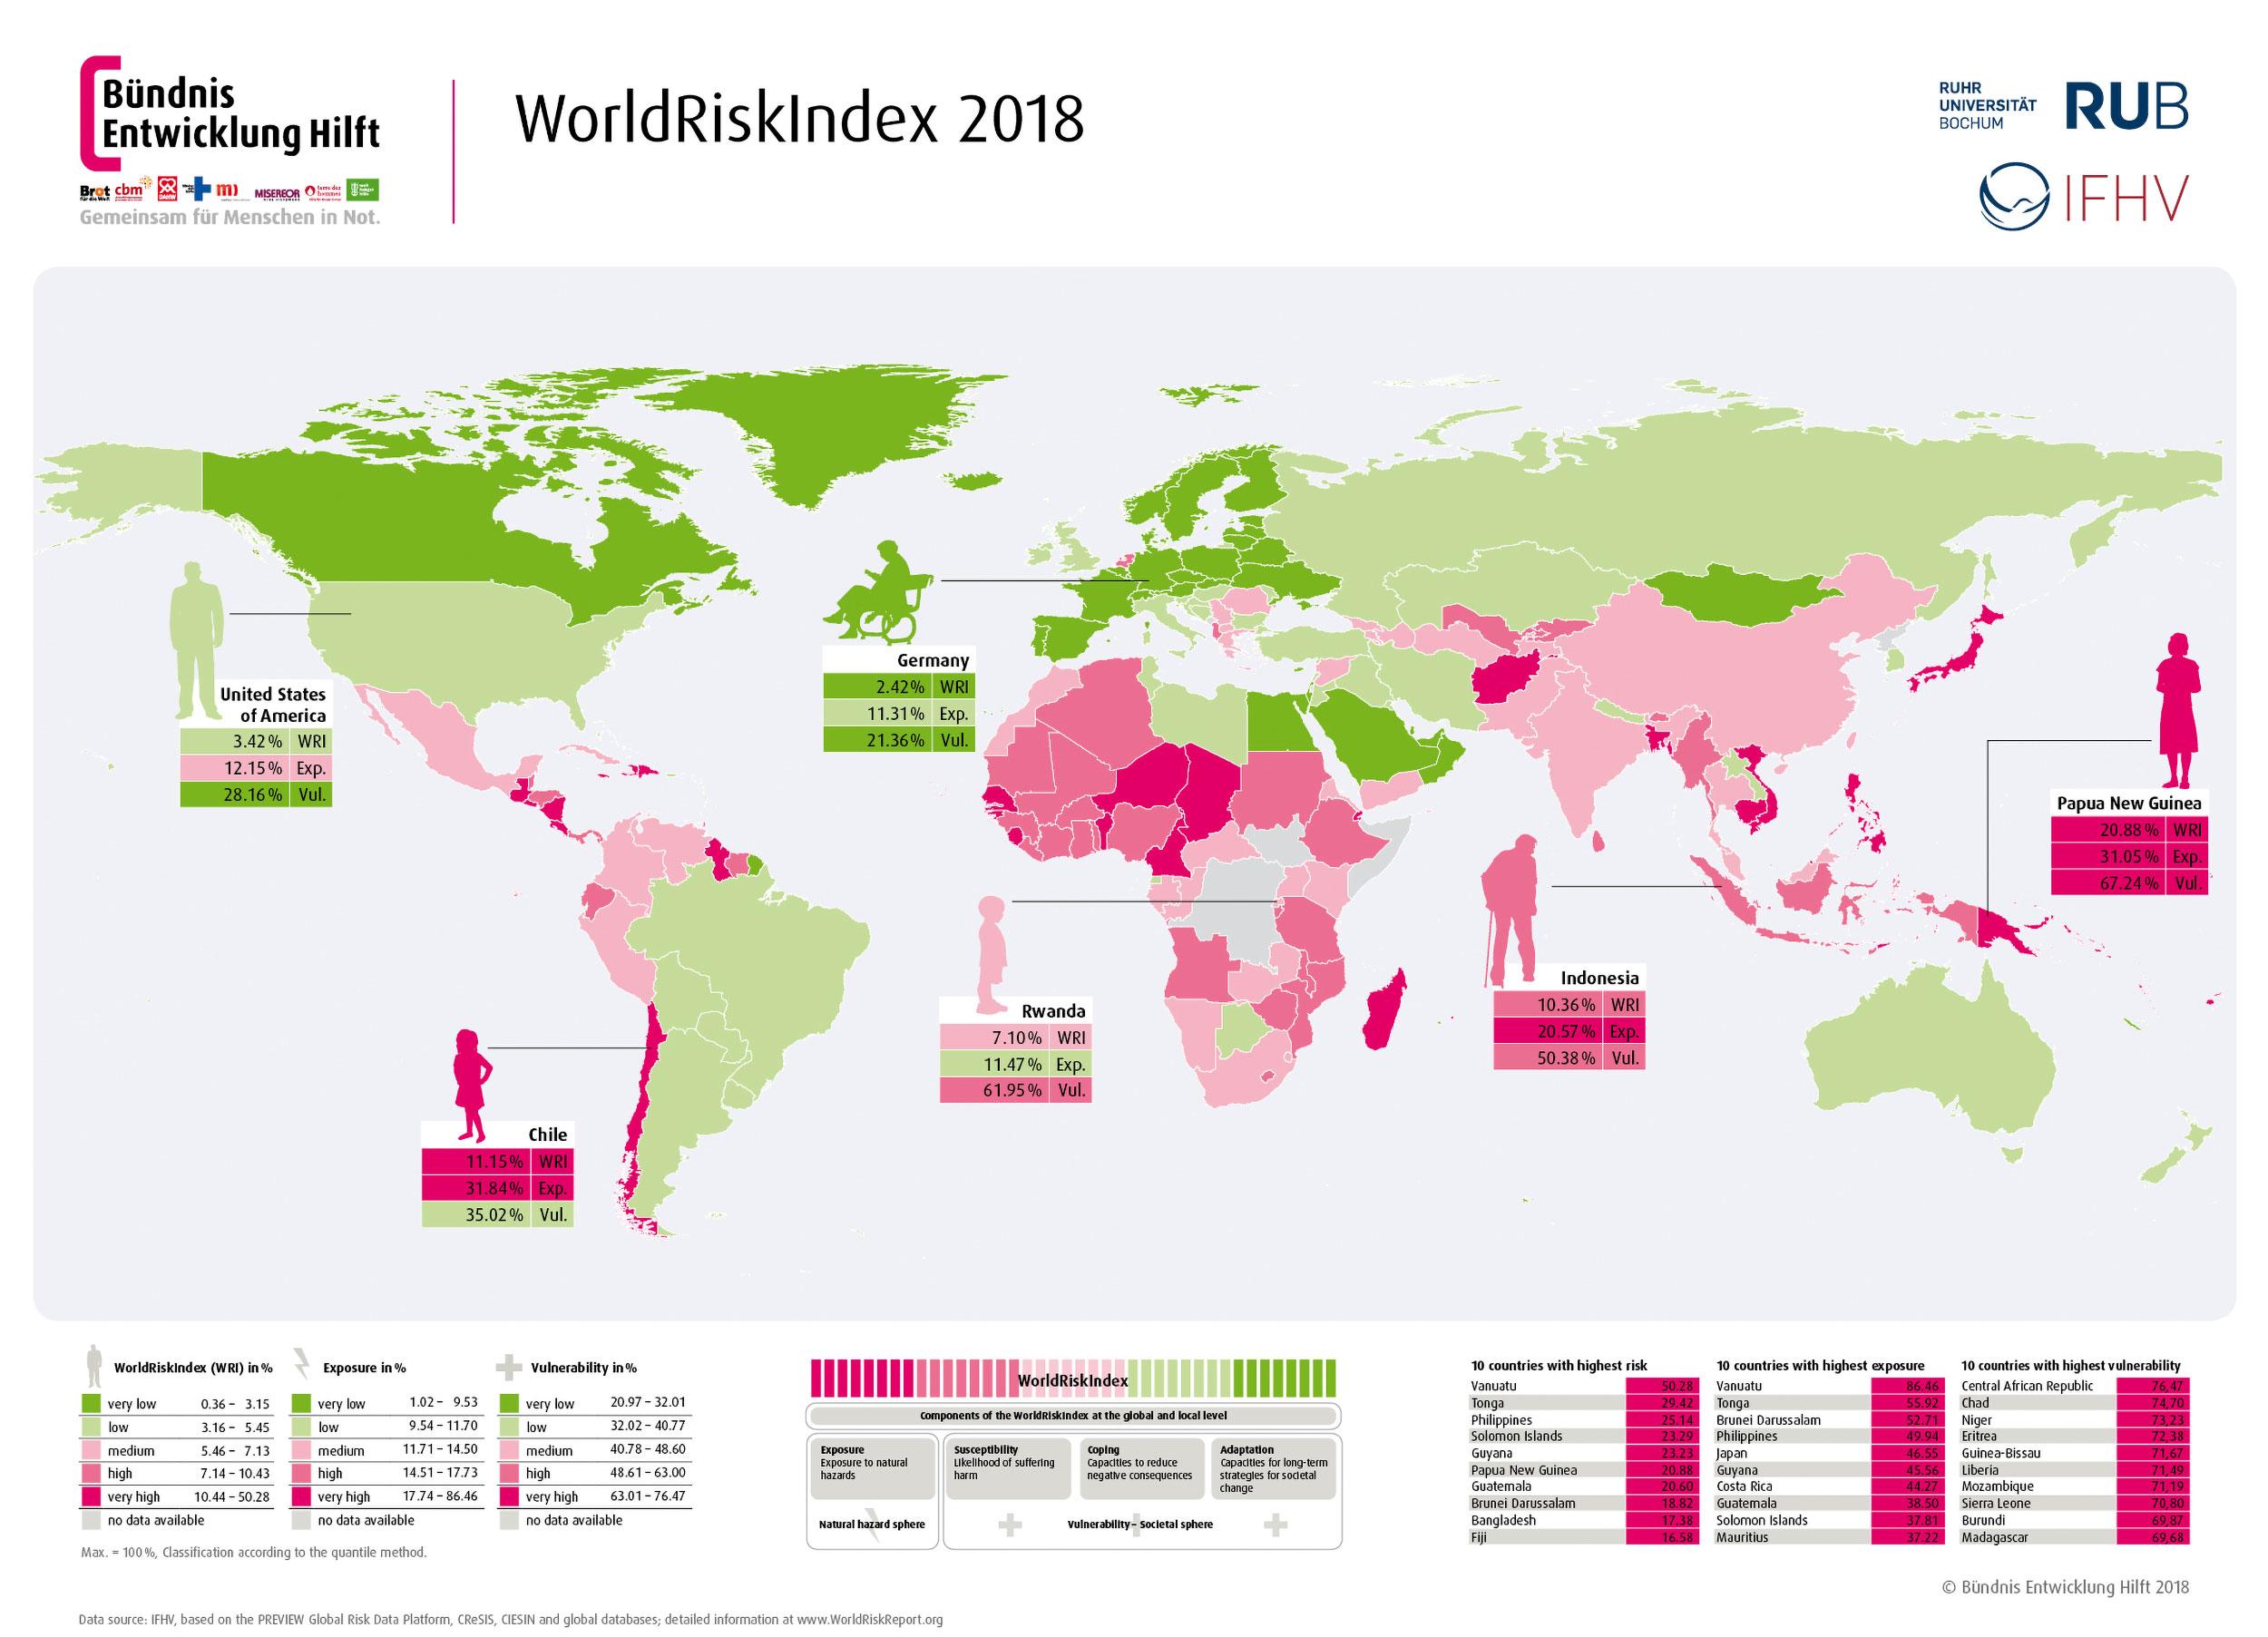 WorldRiskReport